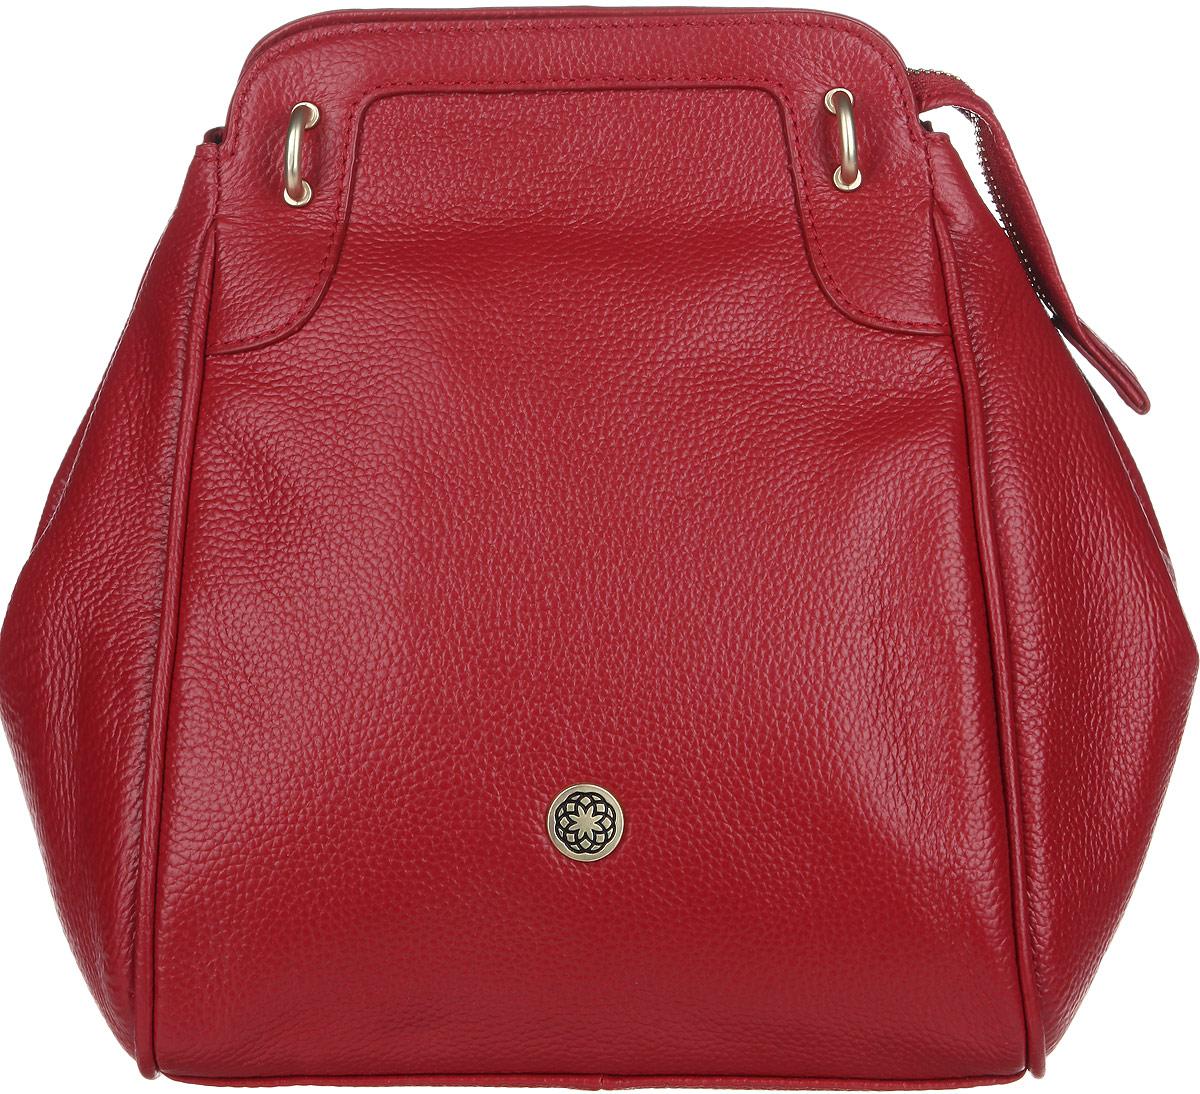 Сумка женская Fiorita, цвет: красный. 0665FS76245Стильная женская сумка Fiorita выполнена из натуральной кожи с фактурным тиснением. Изделие имеет одно основное отделение, которое закрывается на застежку-молнию. Дополнительно по бокам сумка застегивается на кнопки. Внутри находятся два прорезных кармашка на застежках-молниях и два накладных открытых кармашка. Снаружи, на задней стенке расположен прорезной карман на застежке-молнии. Изделие оснащено двумя съемными плечевыми ремнями, которые позволяют носить сумку на плече и трансформируют ее в рюкзак. Изделие упаковано в фирменный чехол. Такая сумка дополнит ваш образ и сделает его завершенным.